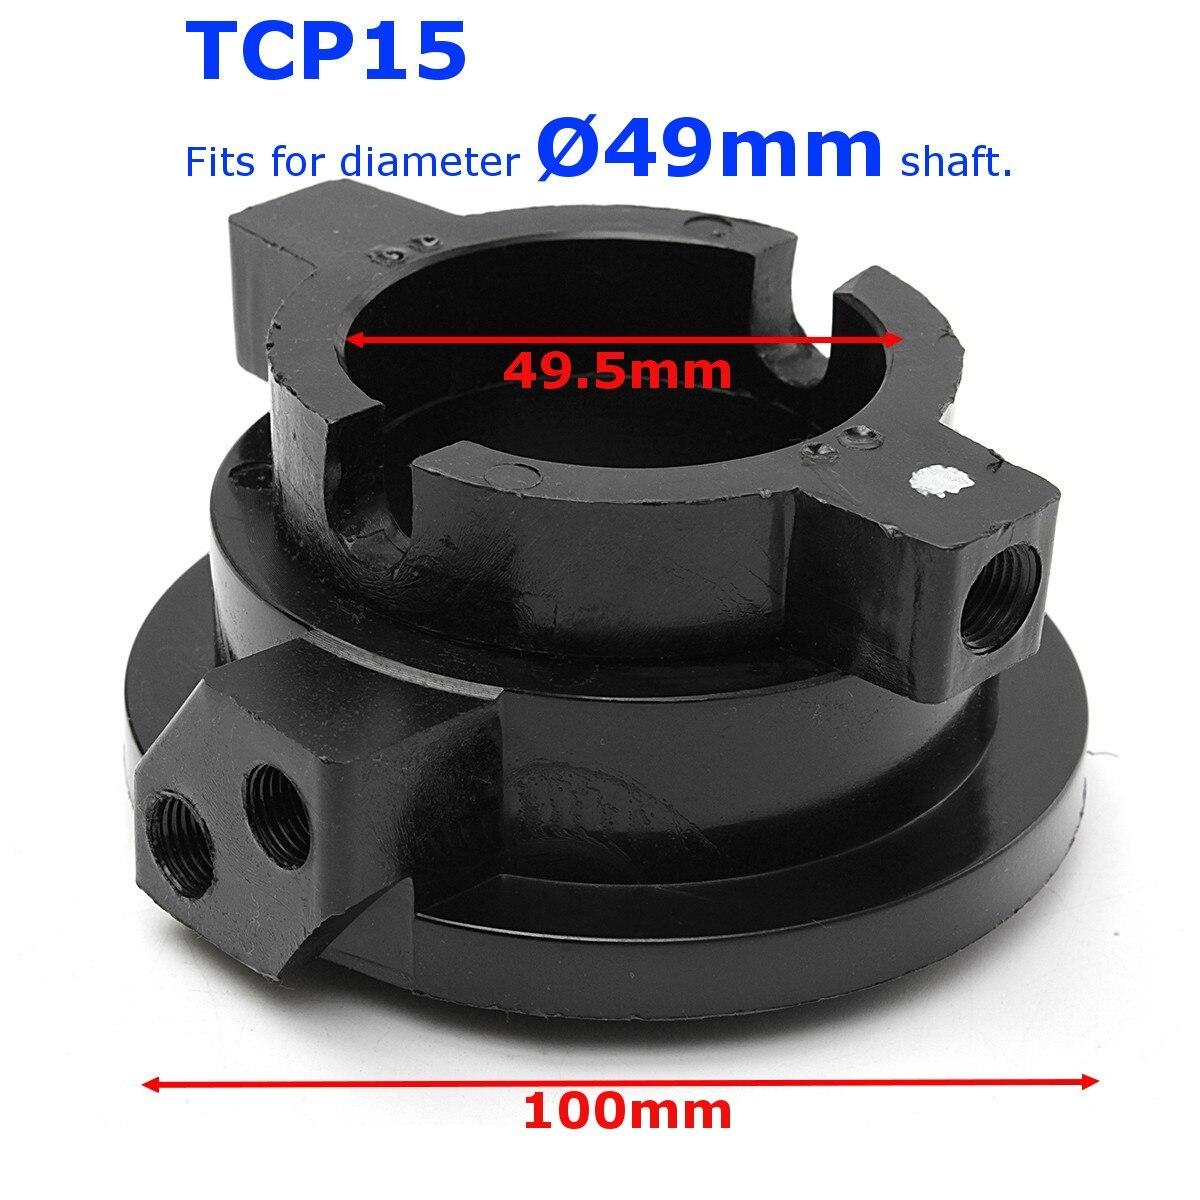 Véhicule voiture roue pneu changeur de pneu coupleur rotatif couplage Valve d'air TCP15